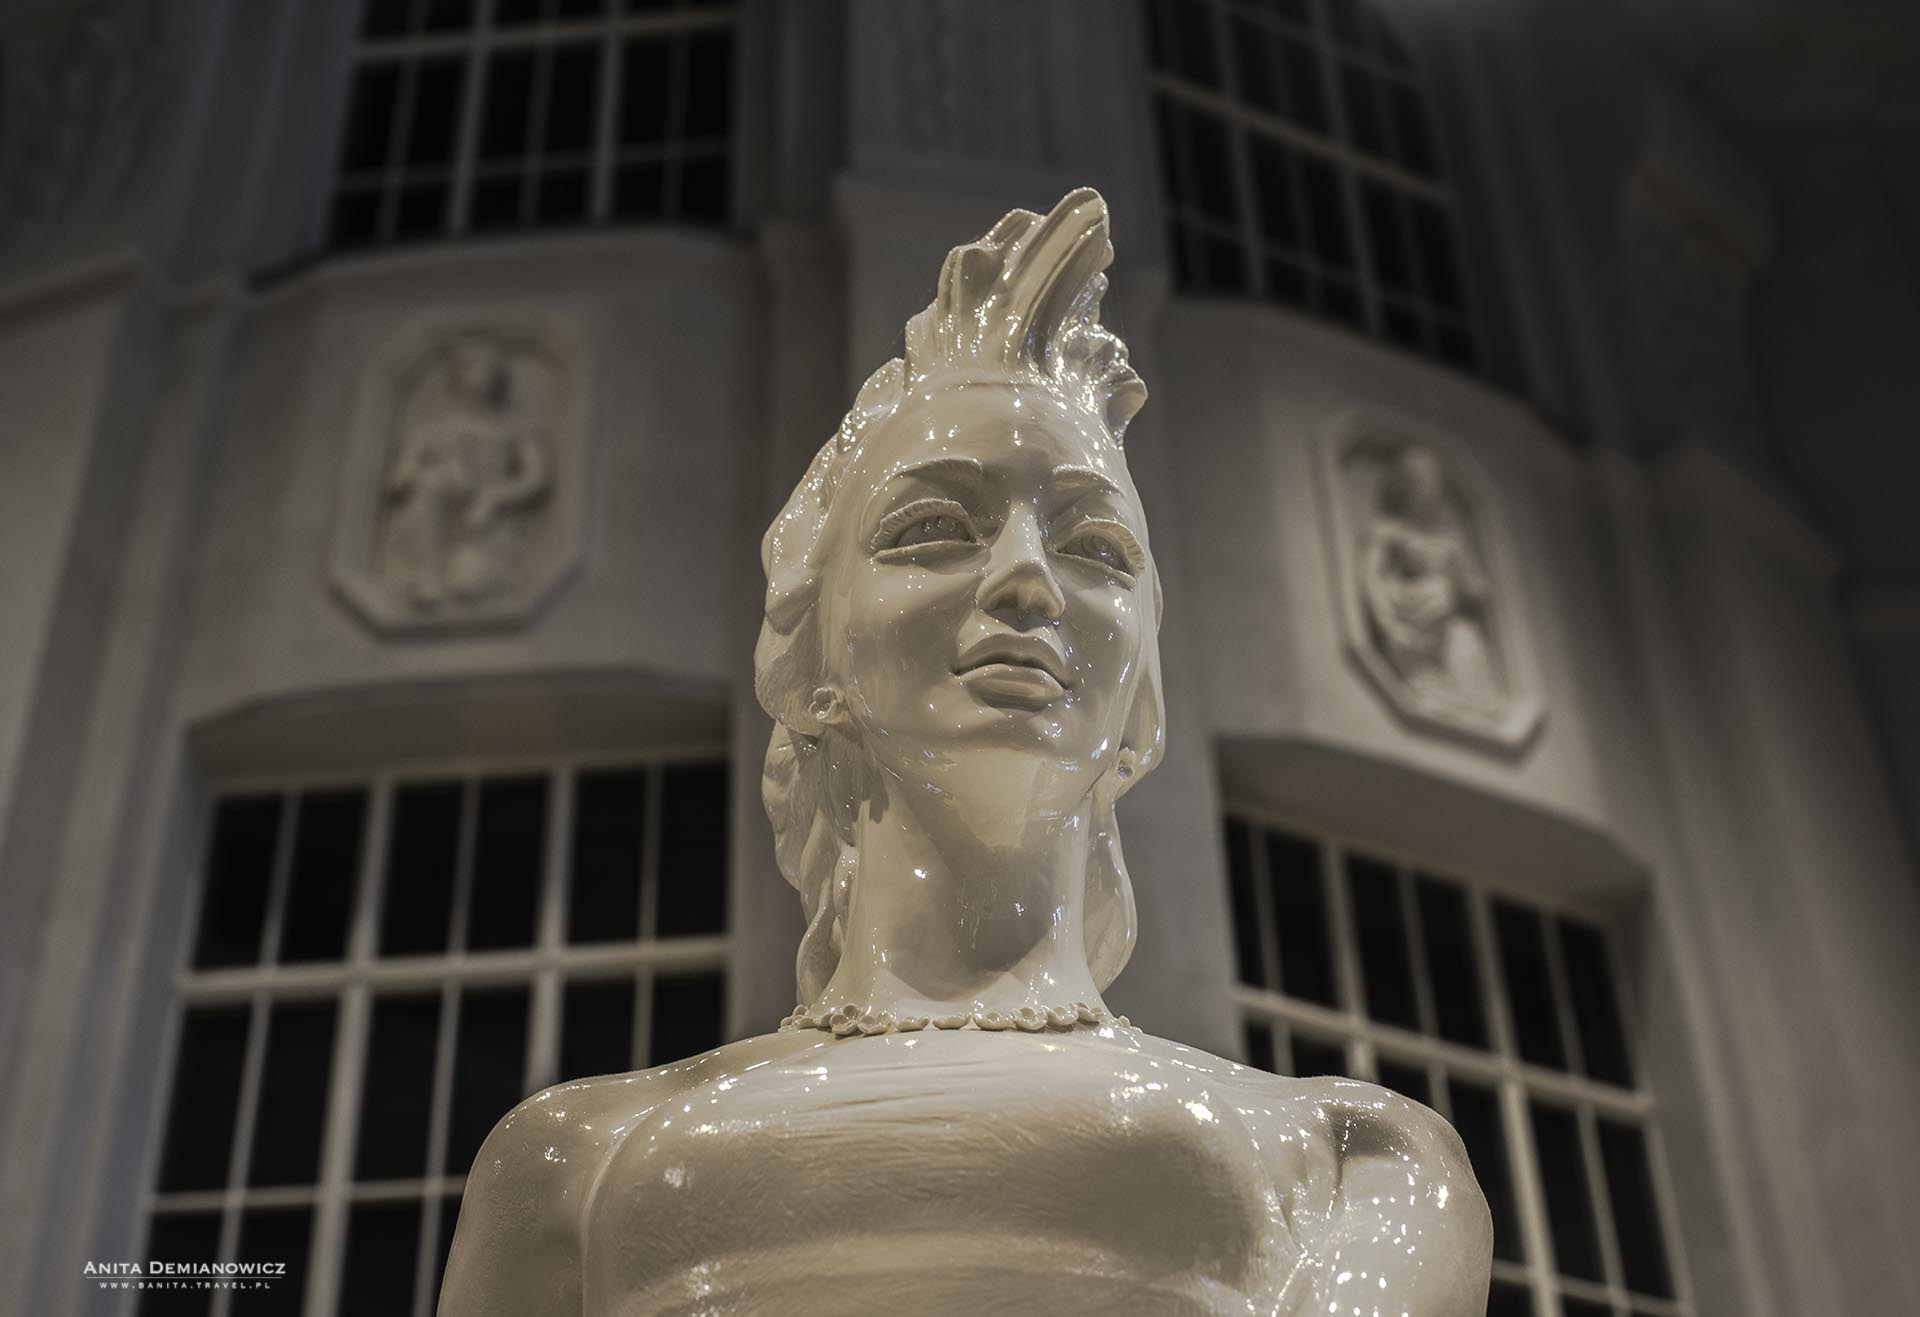 Saksonia - porcelanowa rzeźba patronki regionu. Mierzy 180 cm i waży 800 kg